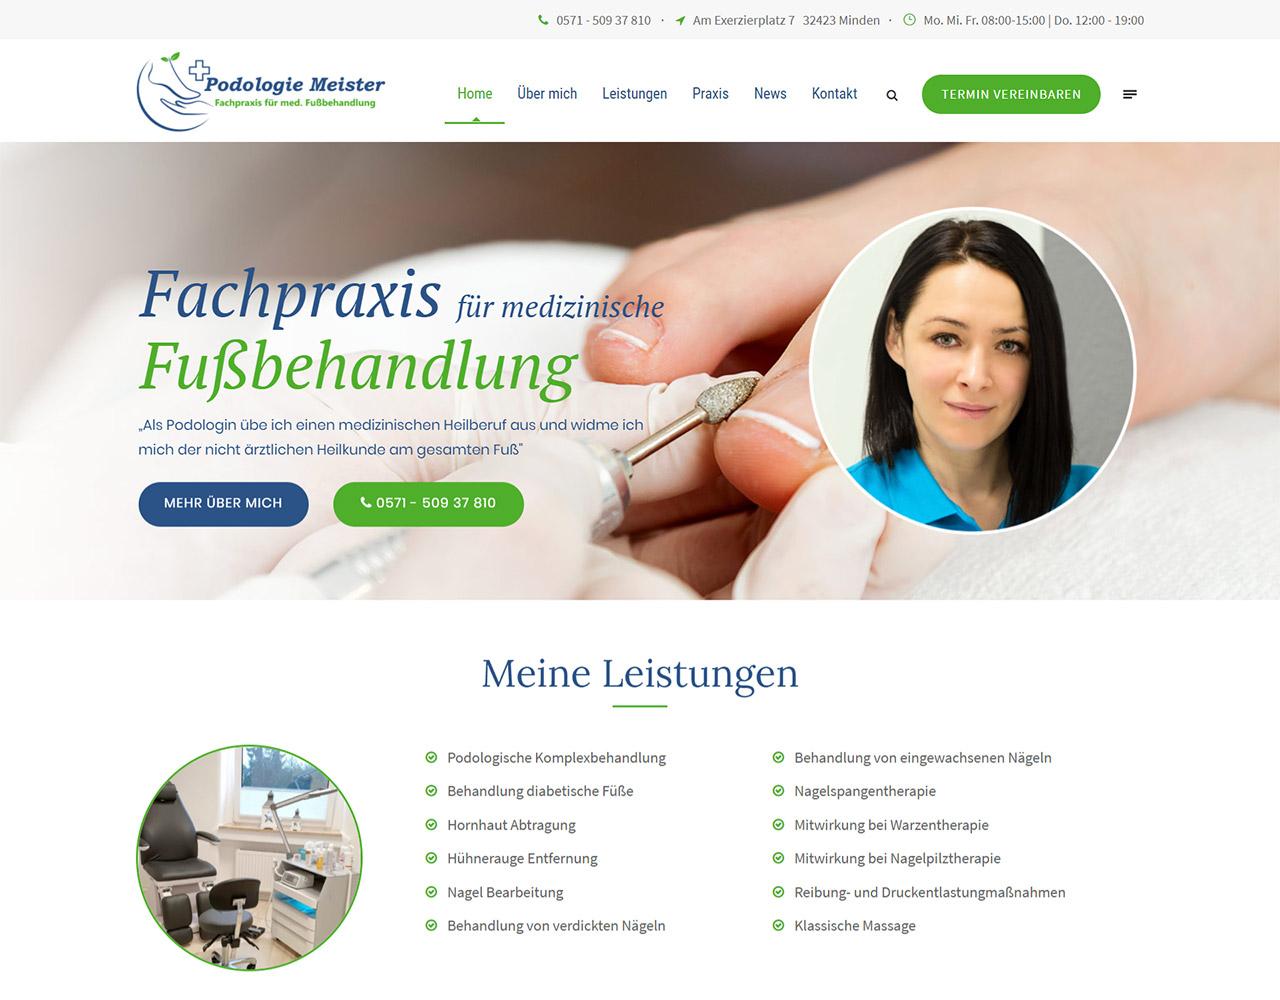 Podologie Meister in Minden: Fachpraxis für medizinische Fußbehandlung